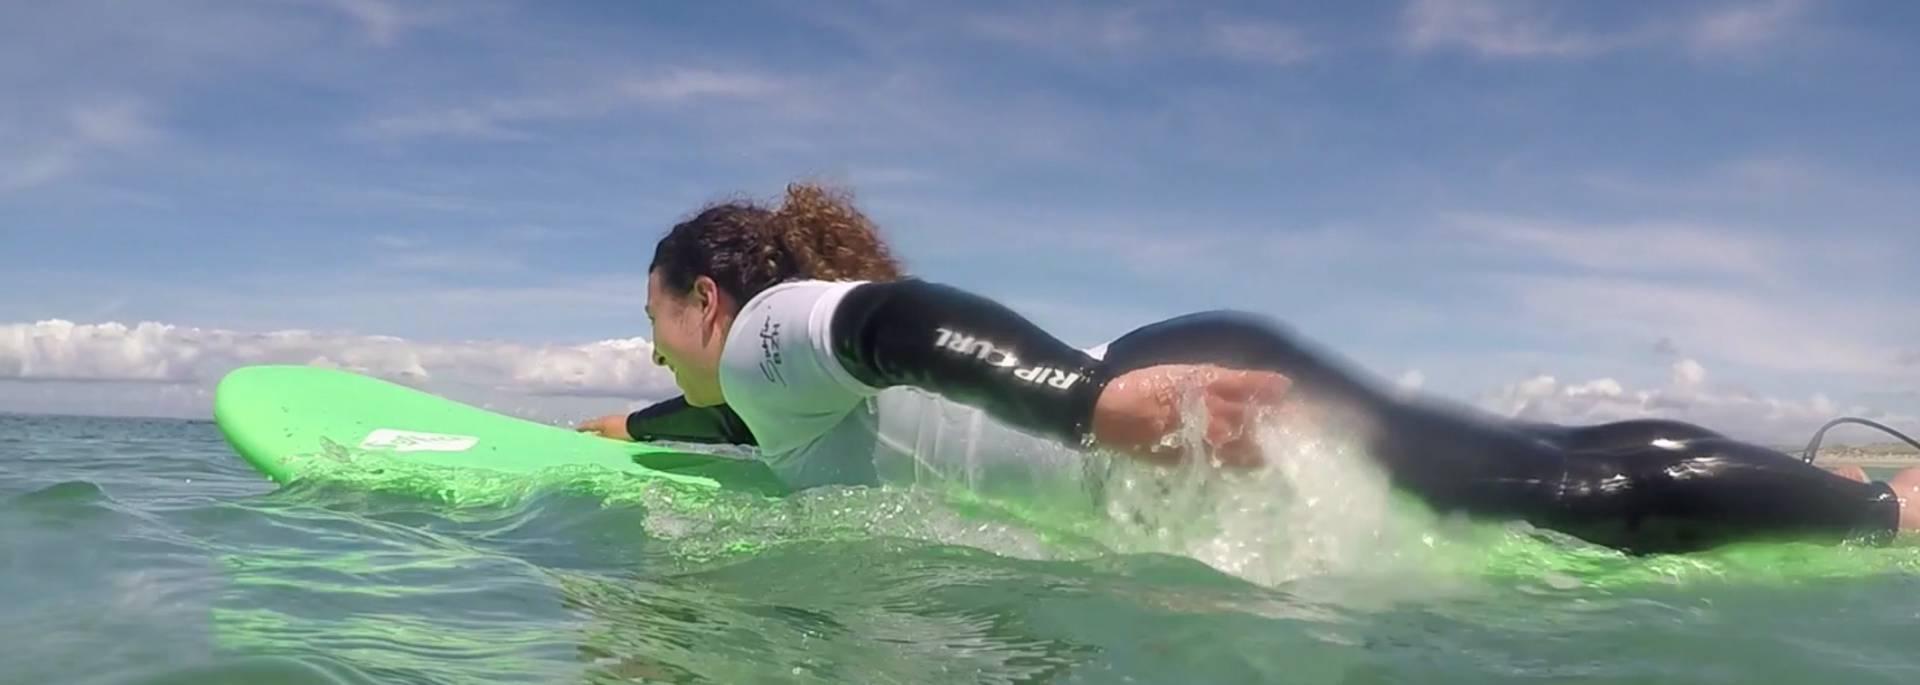 mon premier cours de surf en Pays Bigouden - premières vagues © T Hourmand